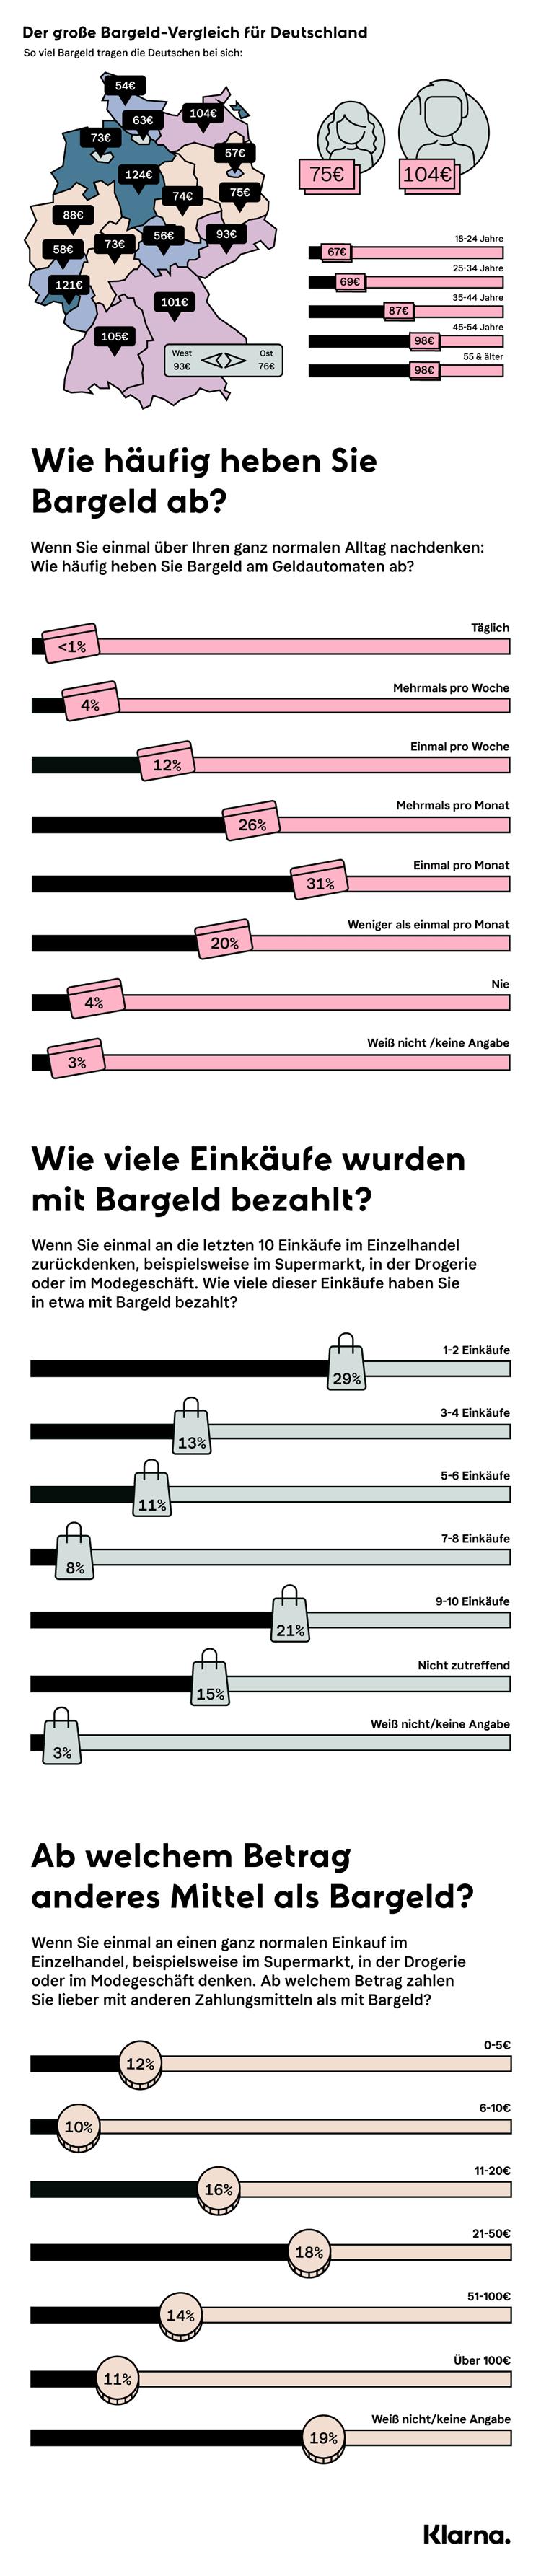 Infografik: Die Bargeldgewohnheiten der Deutschen